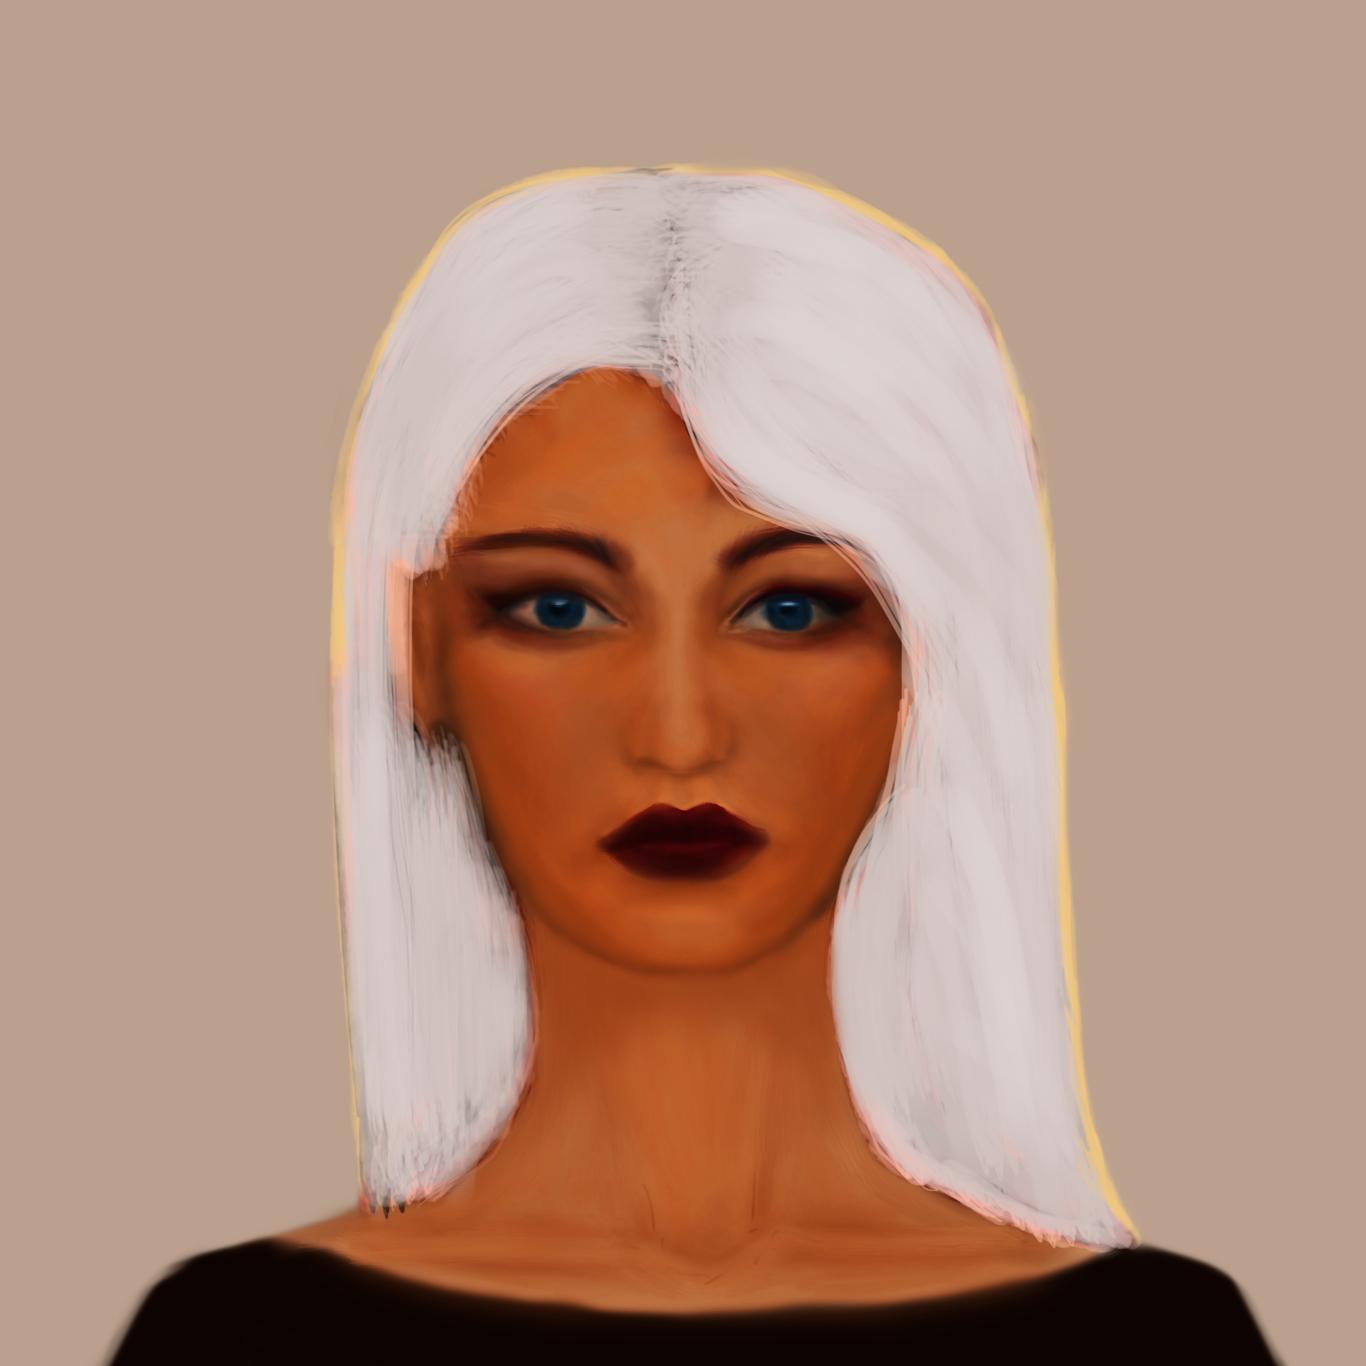 Redfox1 portrait 1 6d05059e 0s5h